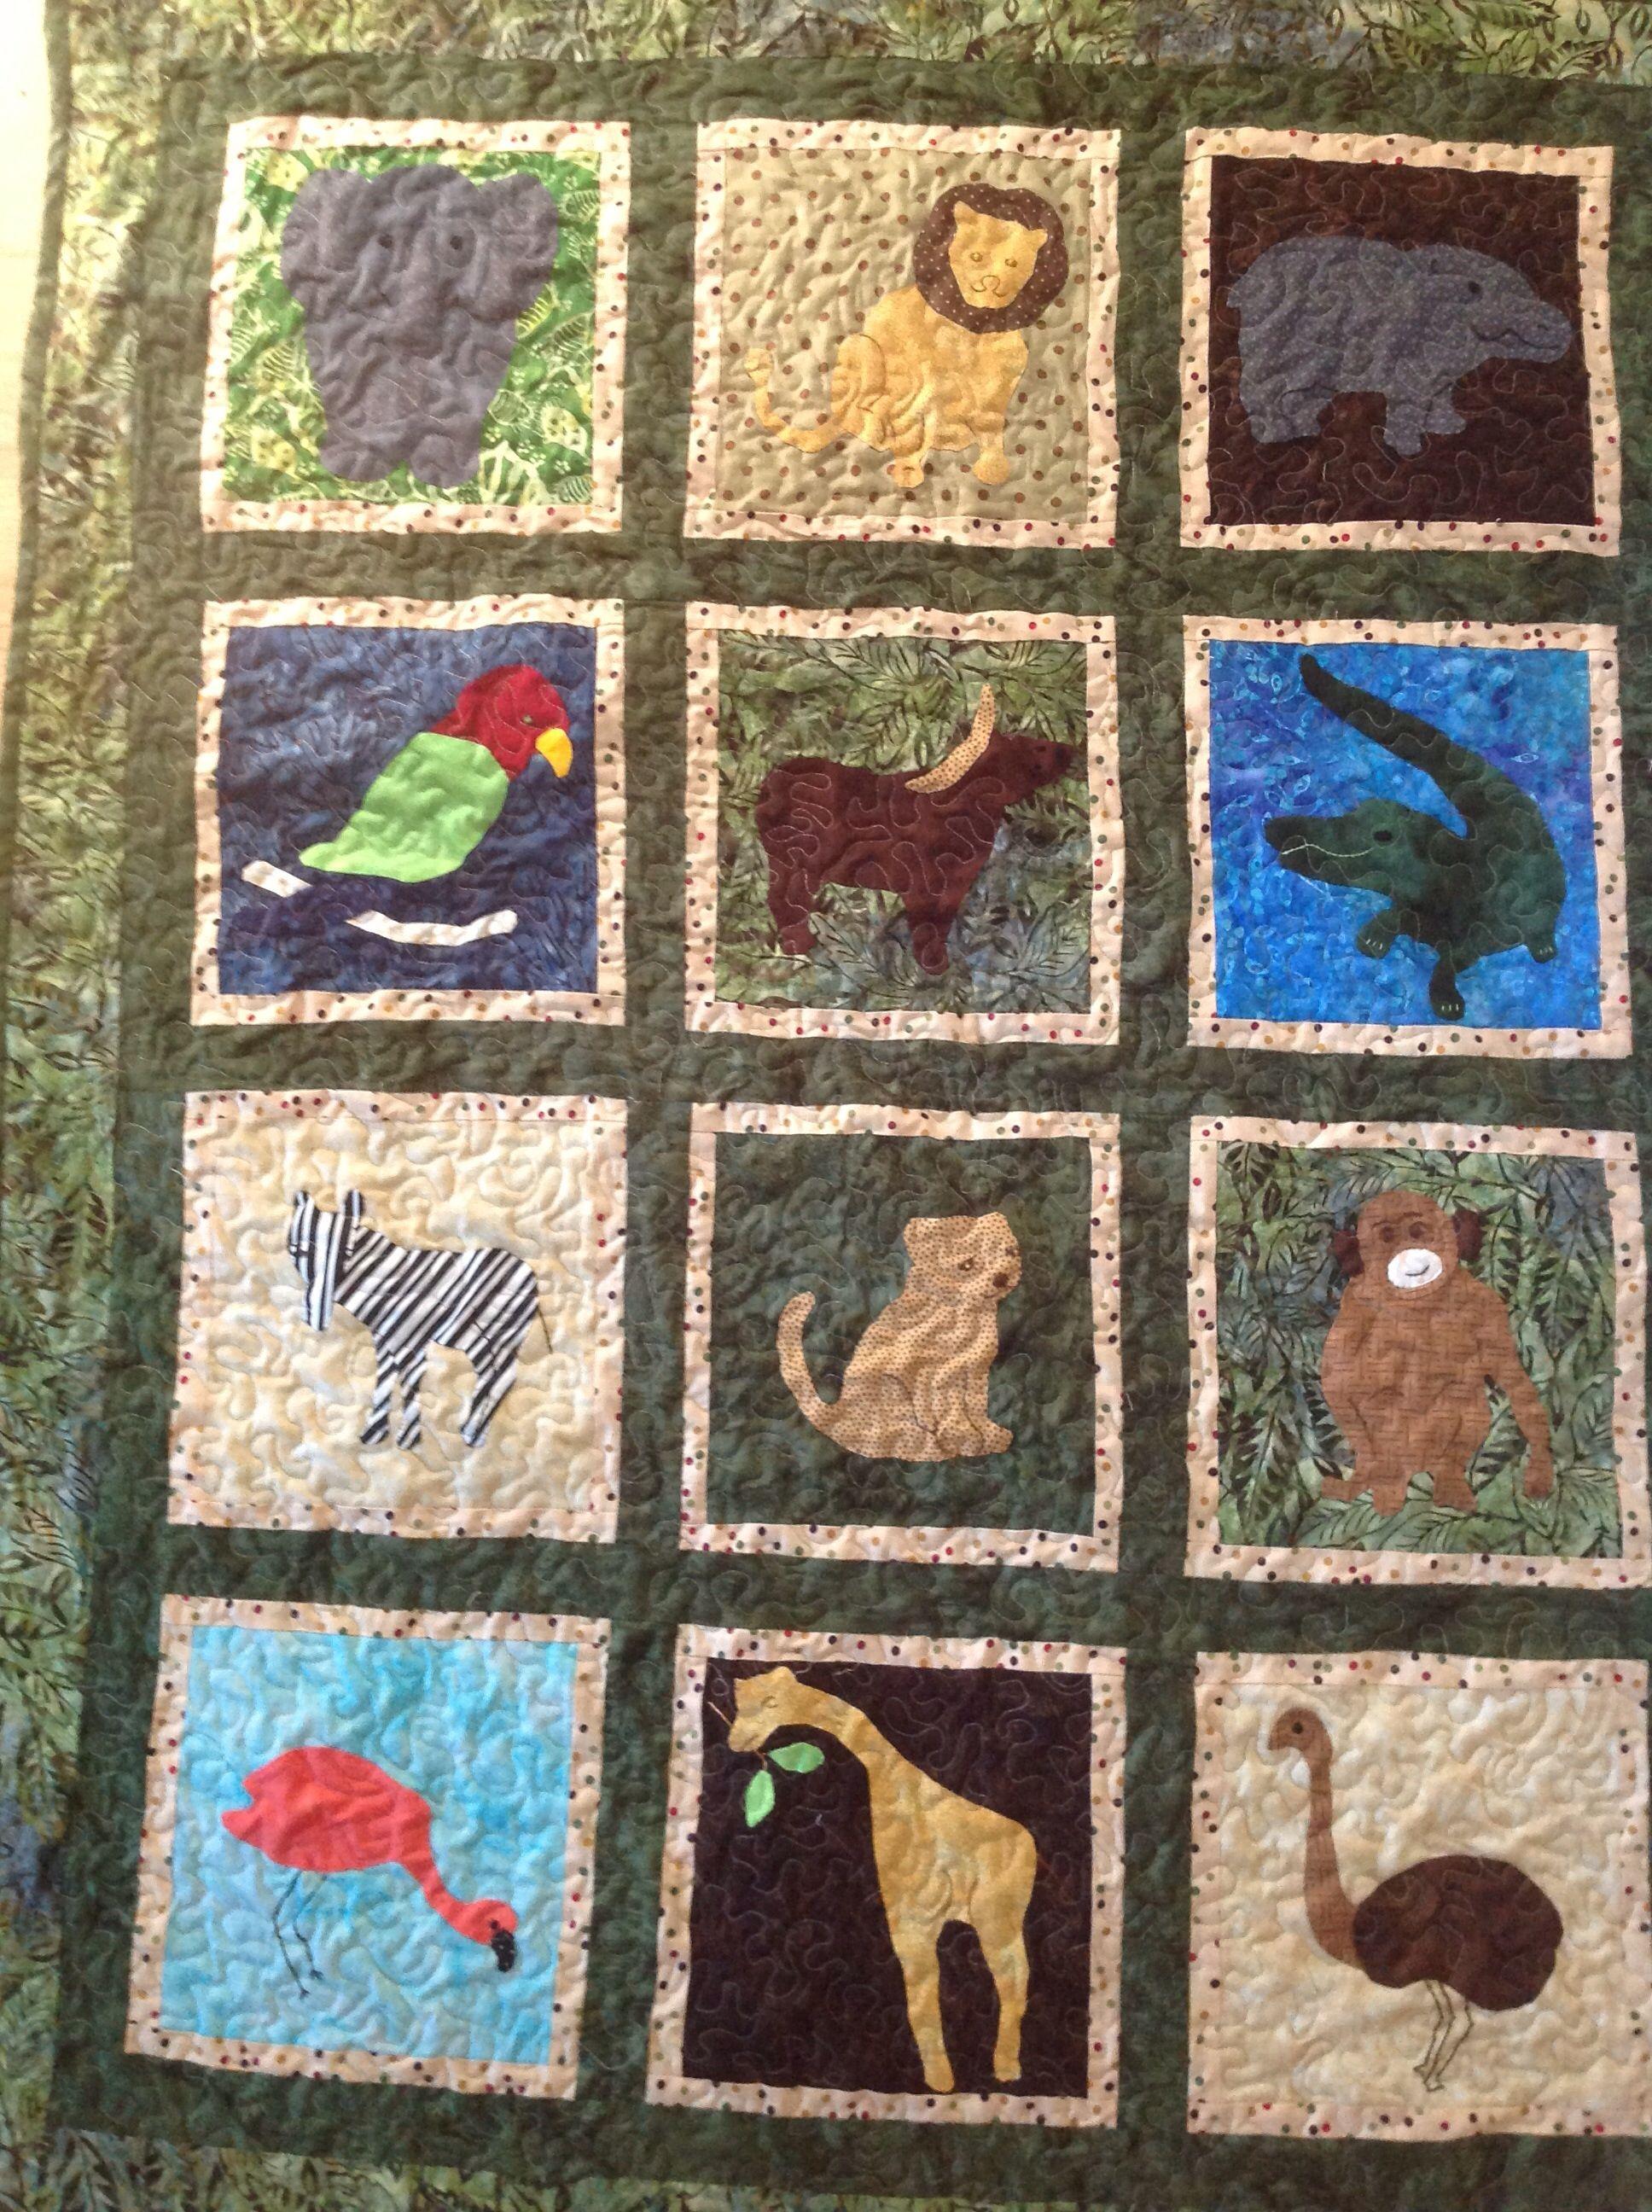 Grant's quilt